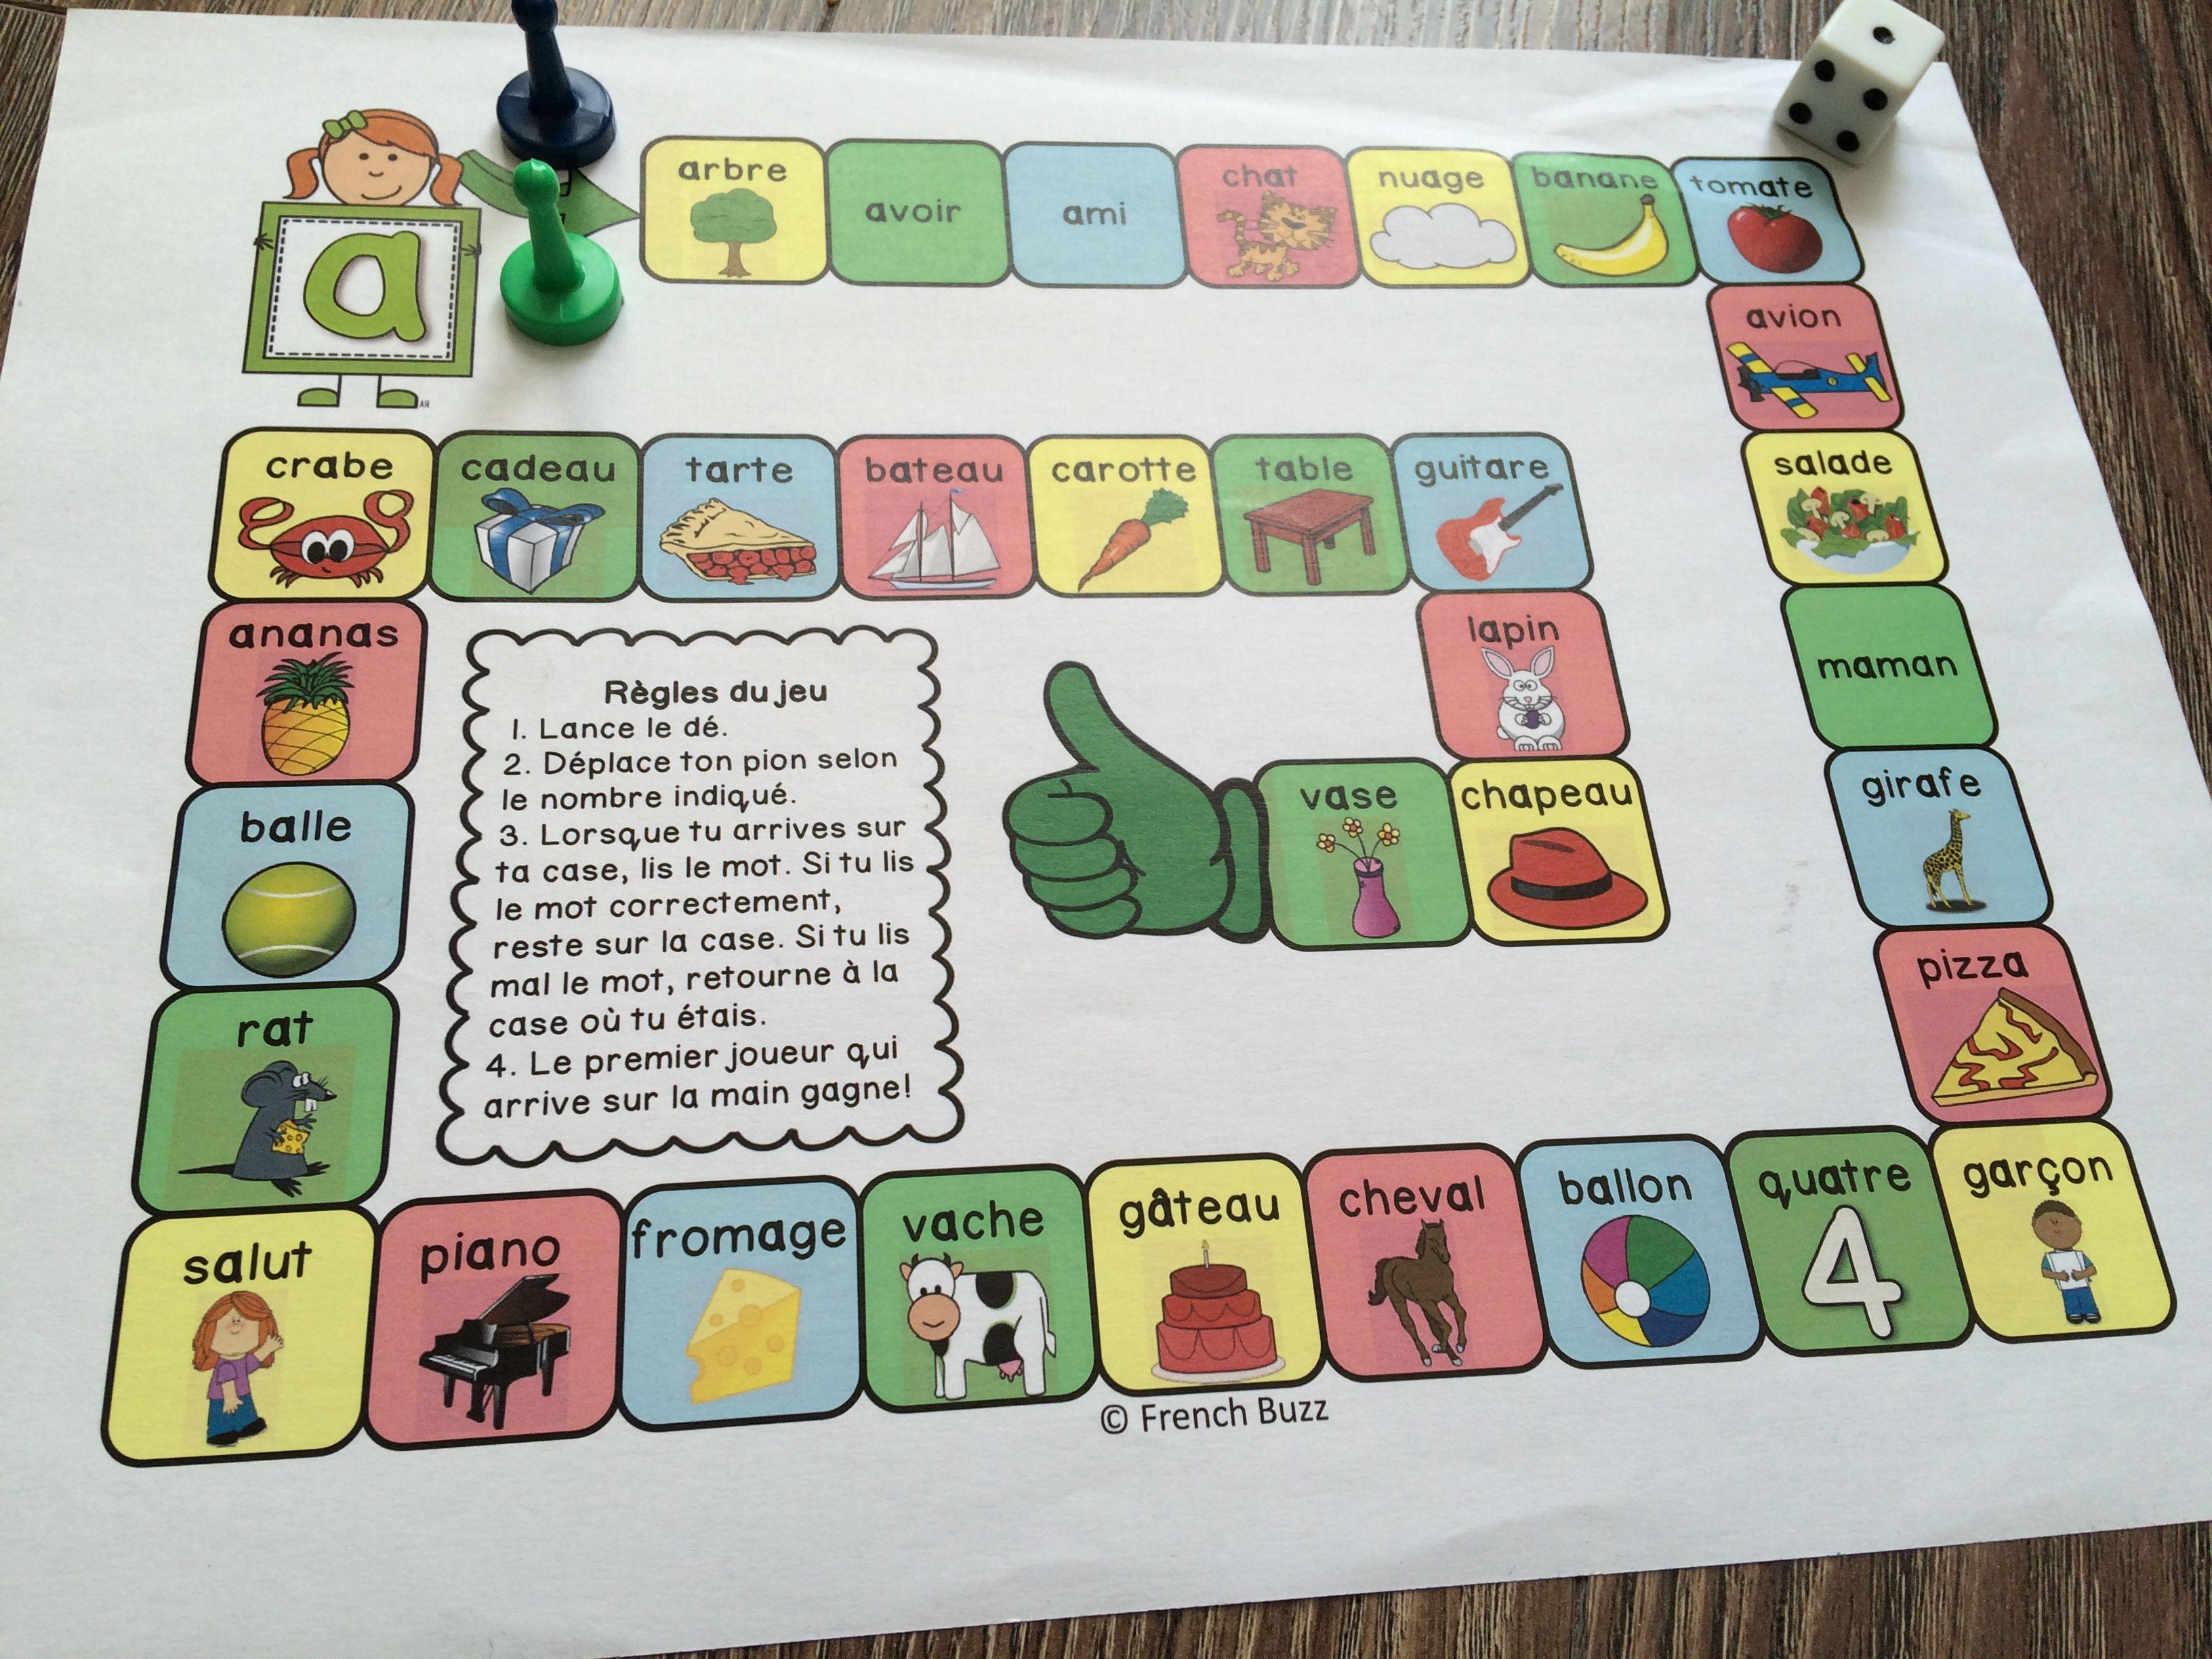 jeu de soci t amusant pour pratiquer la lecture des mots avec le son a activit s enfants. Black Bedroom Furniture Sets. Home Design Ideas